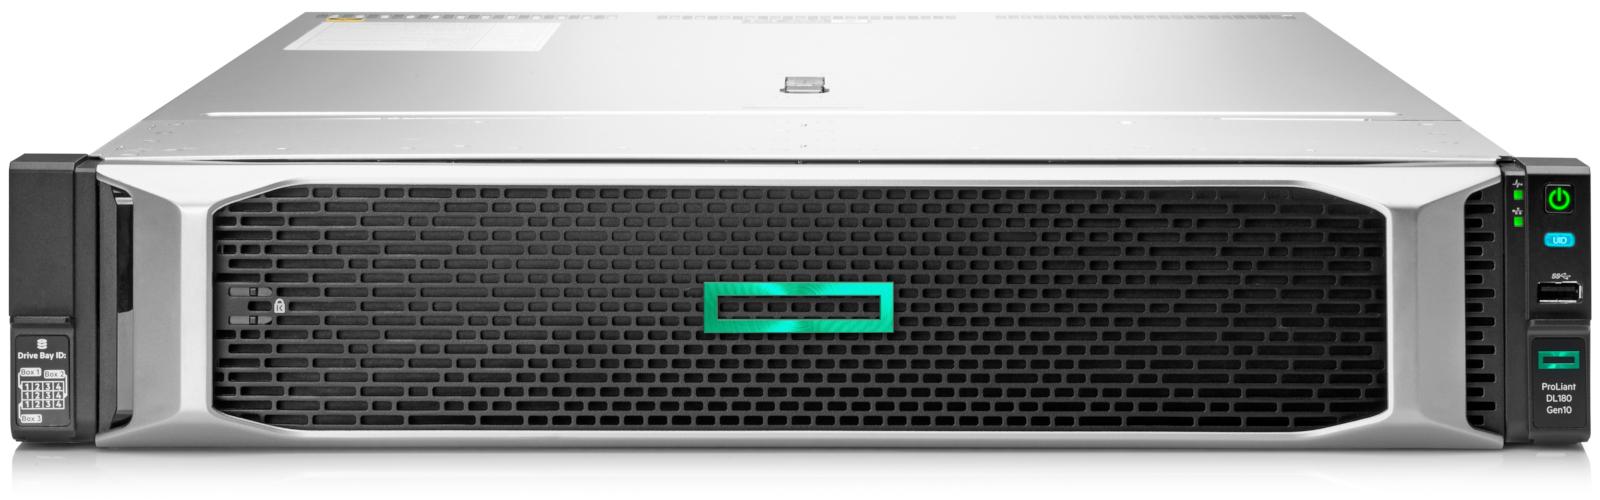 Hewlett Packard Enterprise ProLiant DL180 Gen10 servidor Intel® Xeon® Silver 2,4 GHz 16 GB DDR4-SDRAM 52 TB Bastidor (2U) 500 W